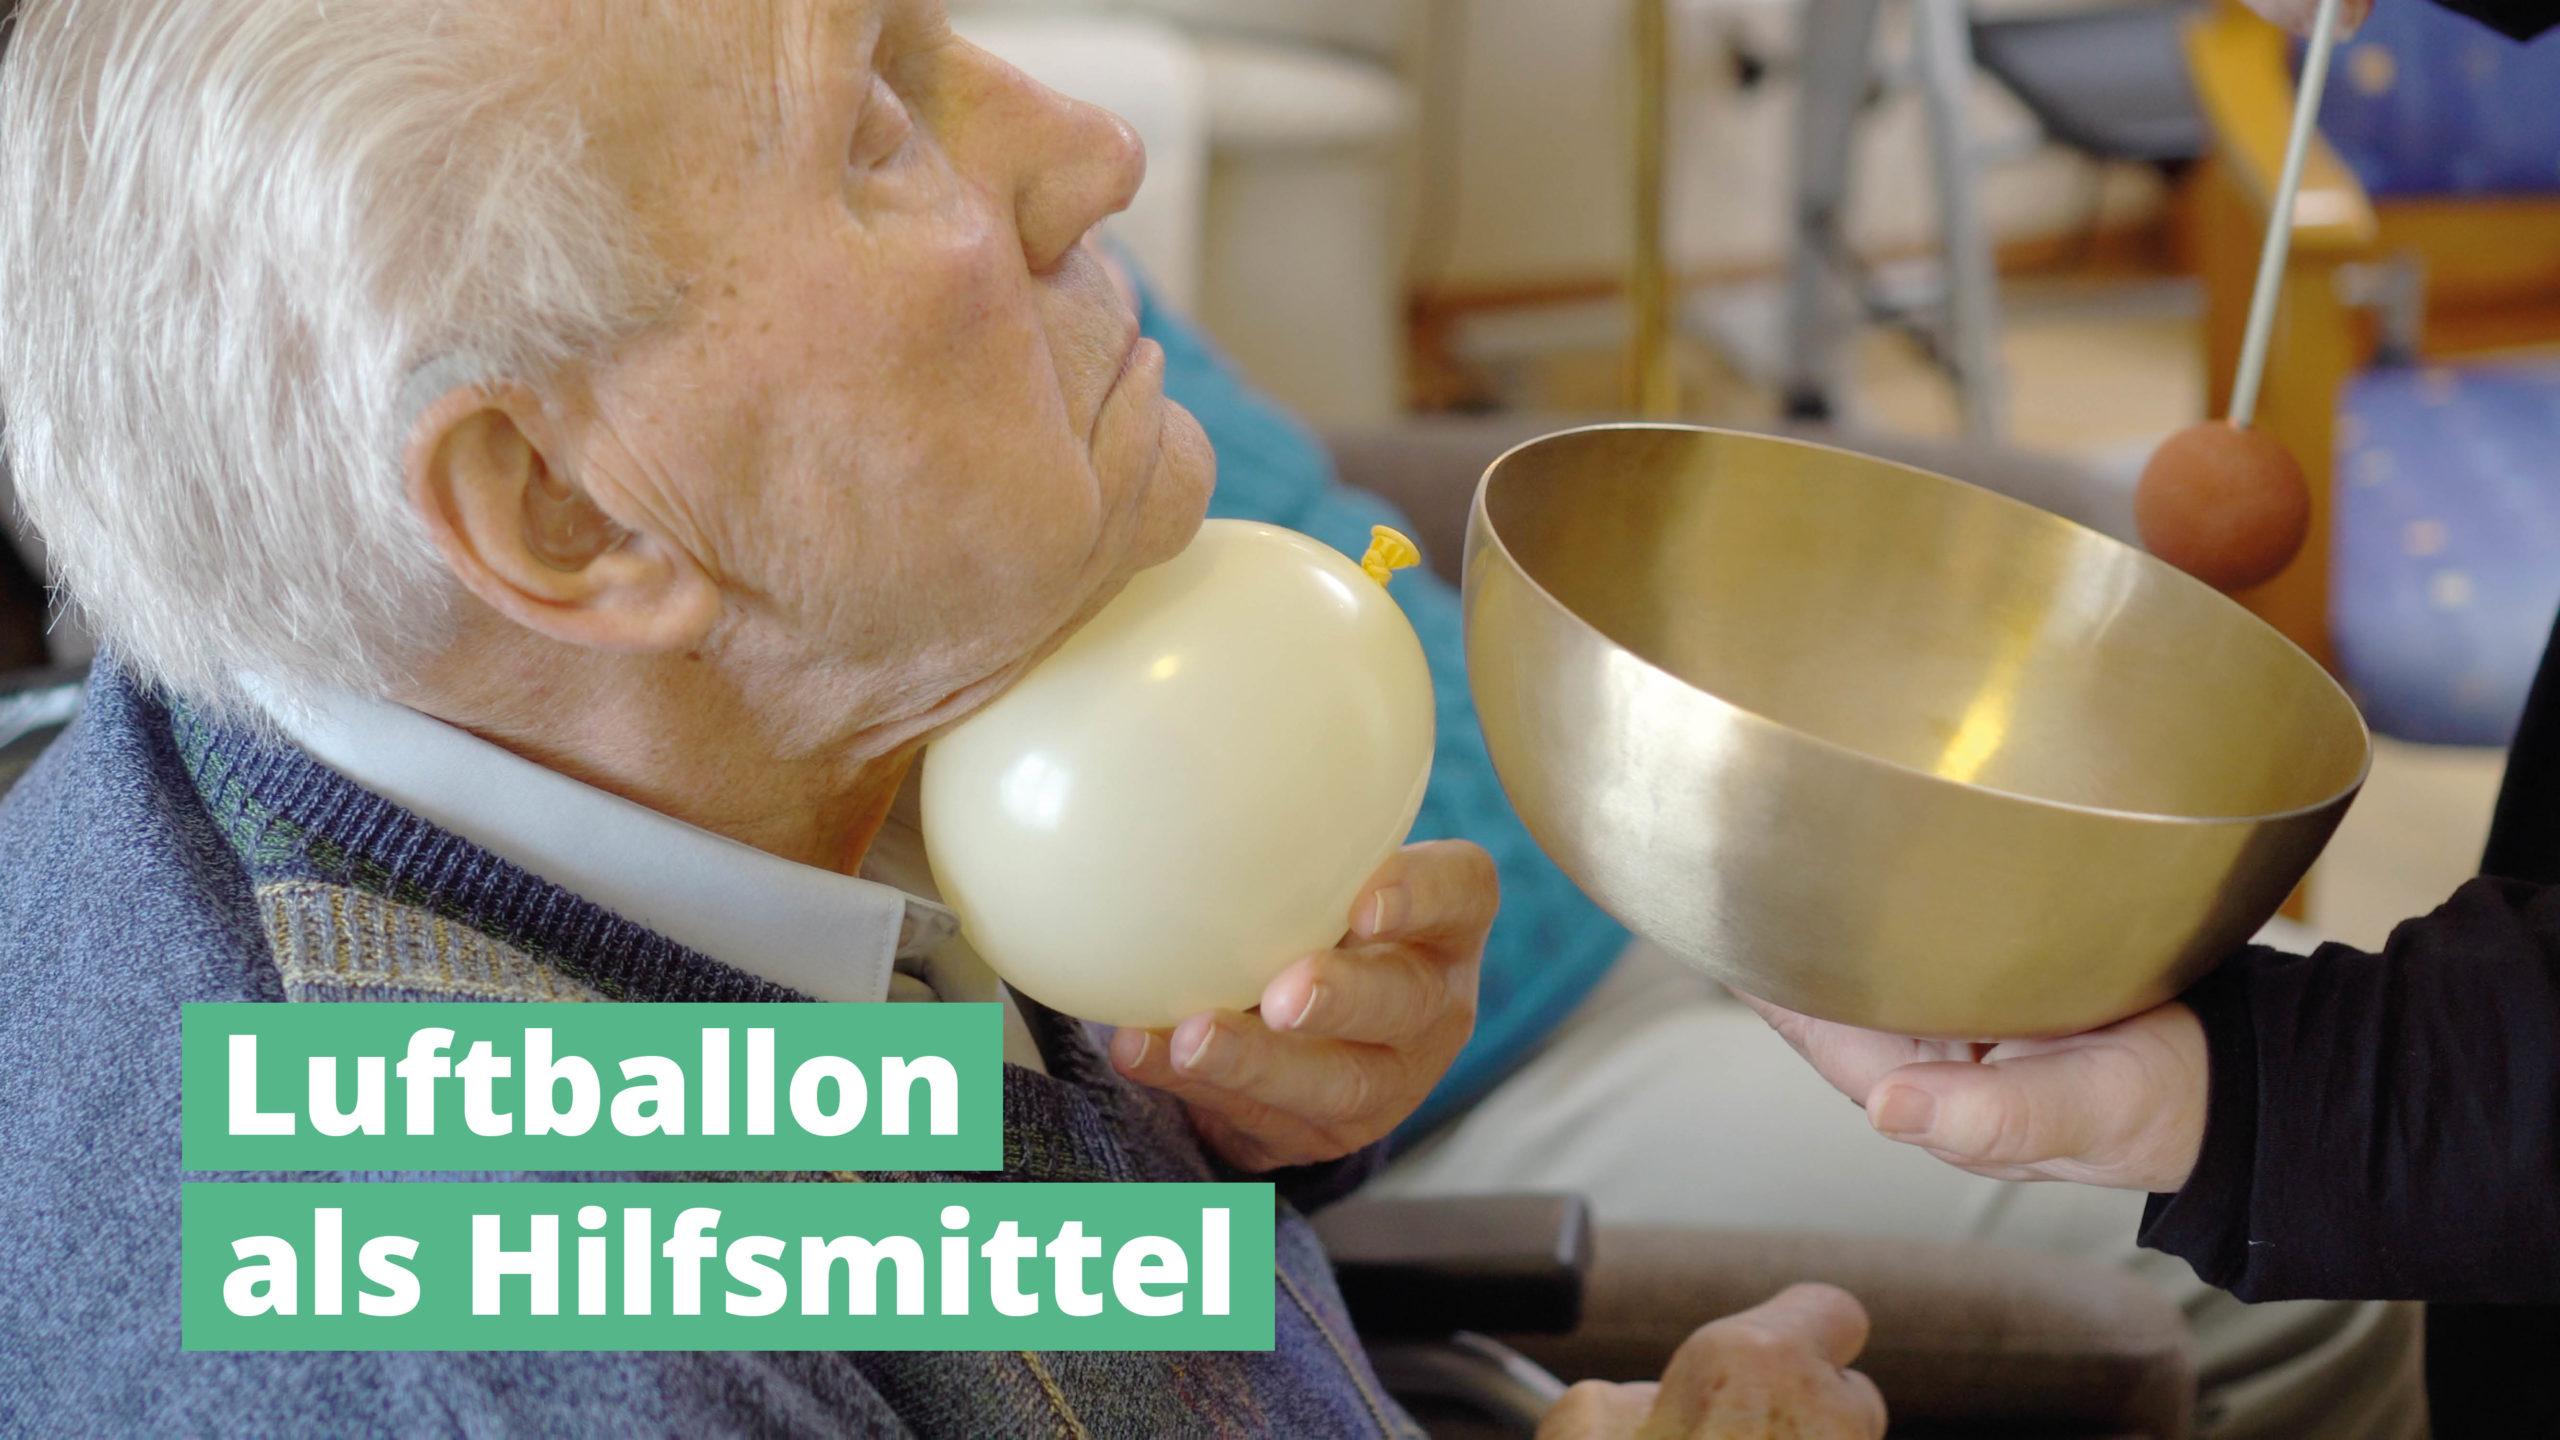 Luftballon als Hilfsmittel PeterHess Klangschalen Wir Sind Altenpflege